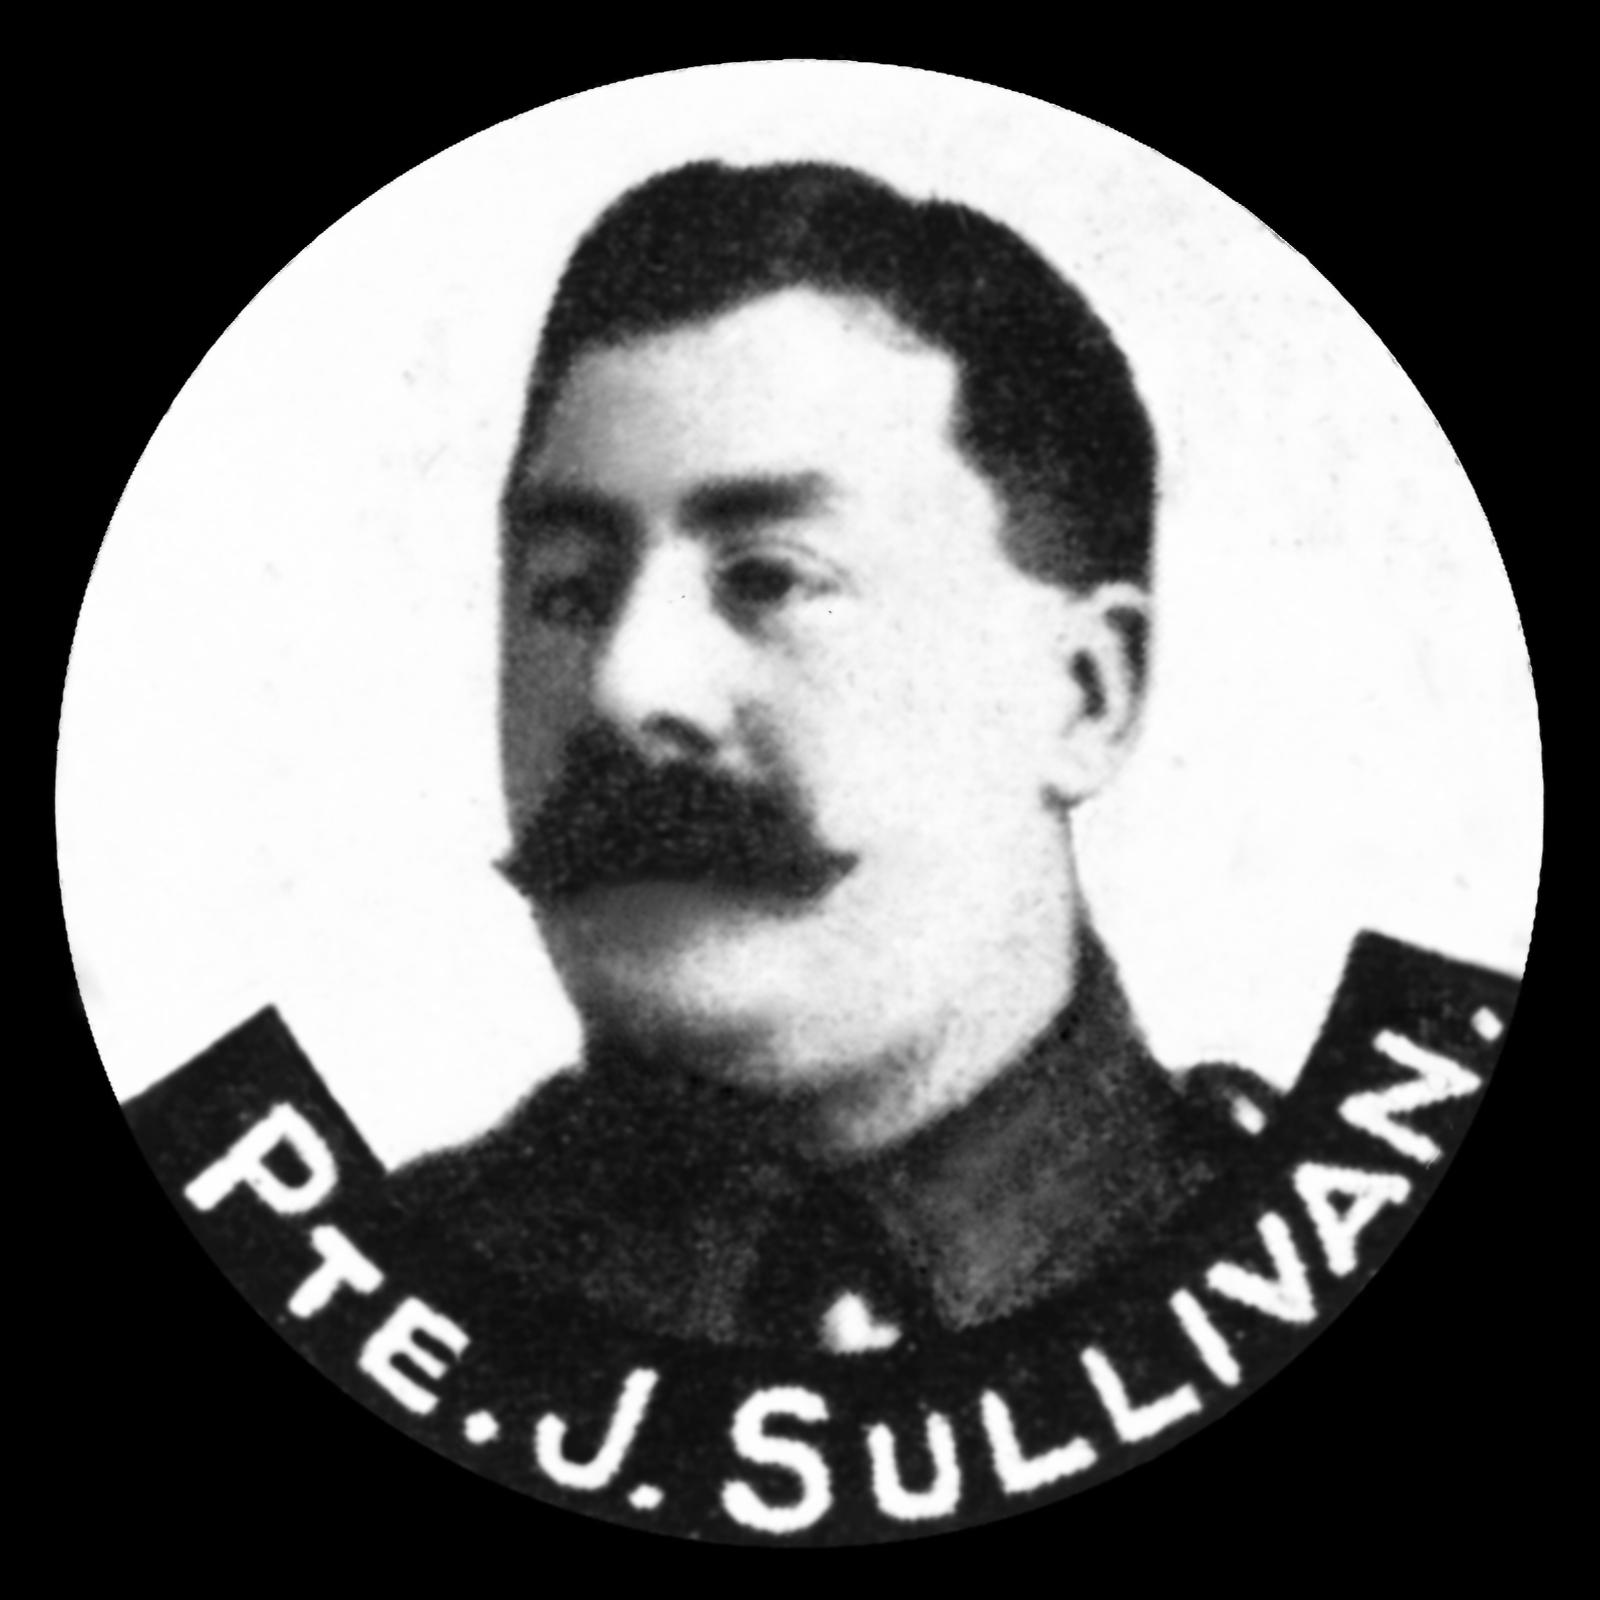 SULLIVAN Joseph